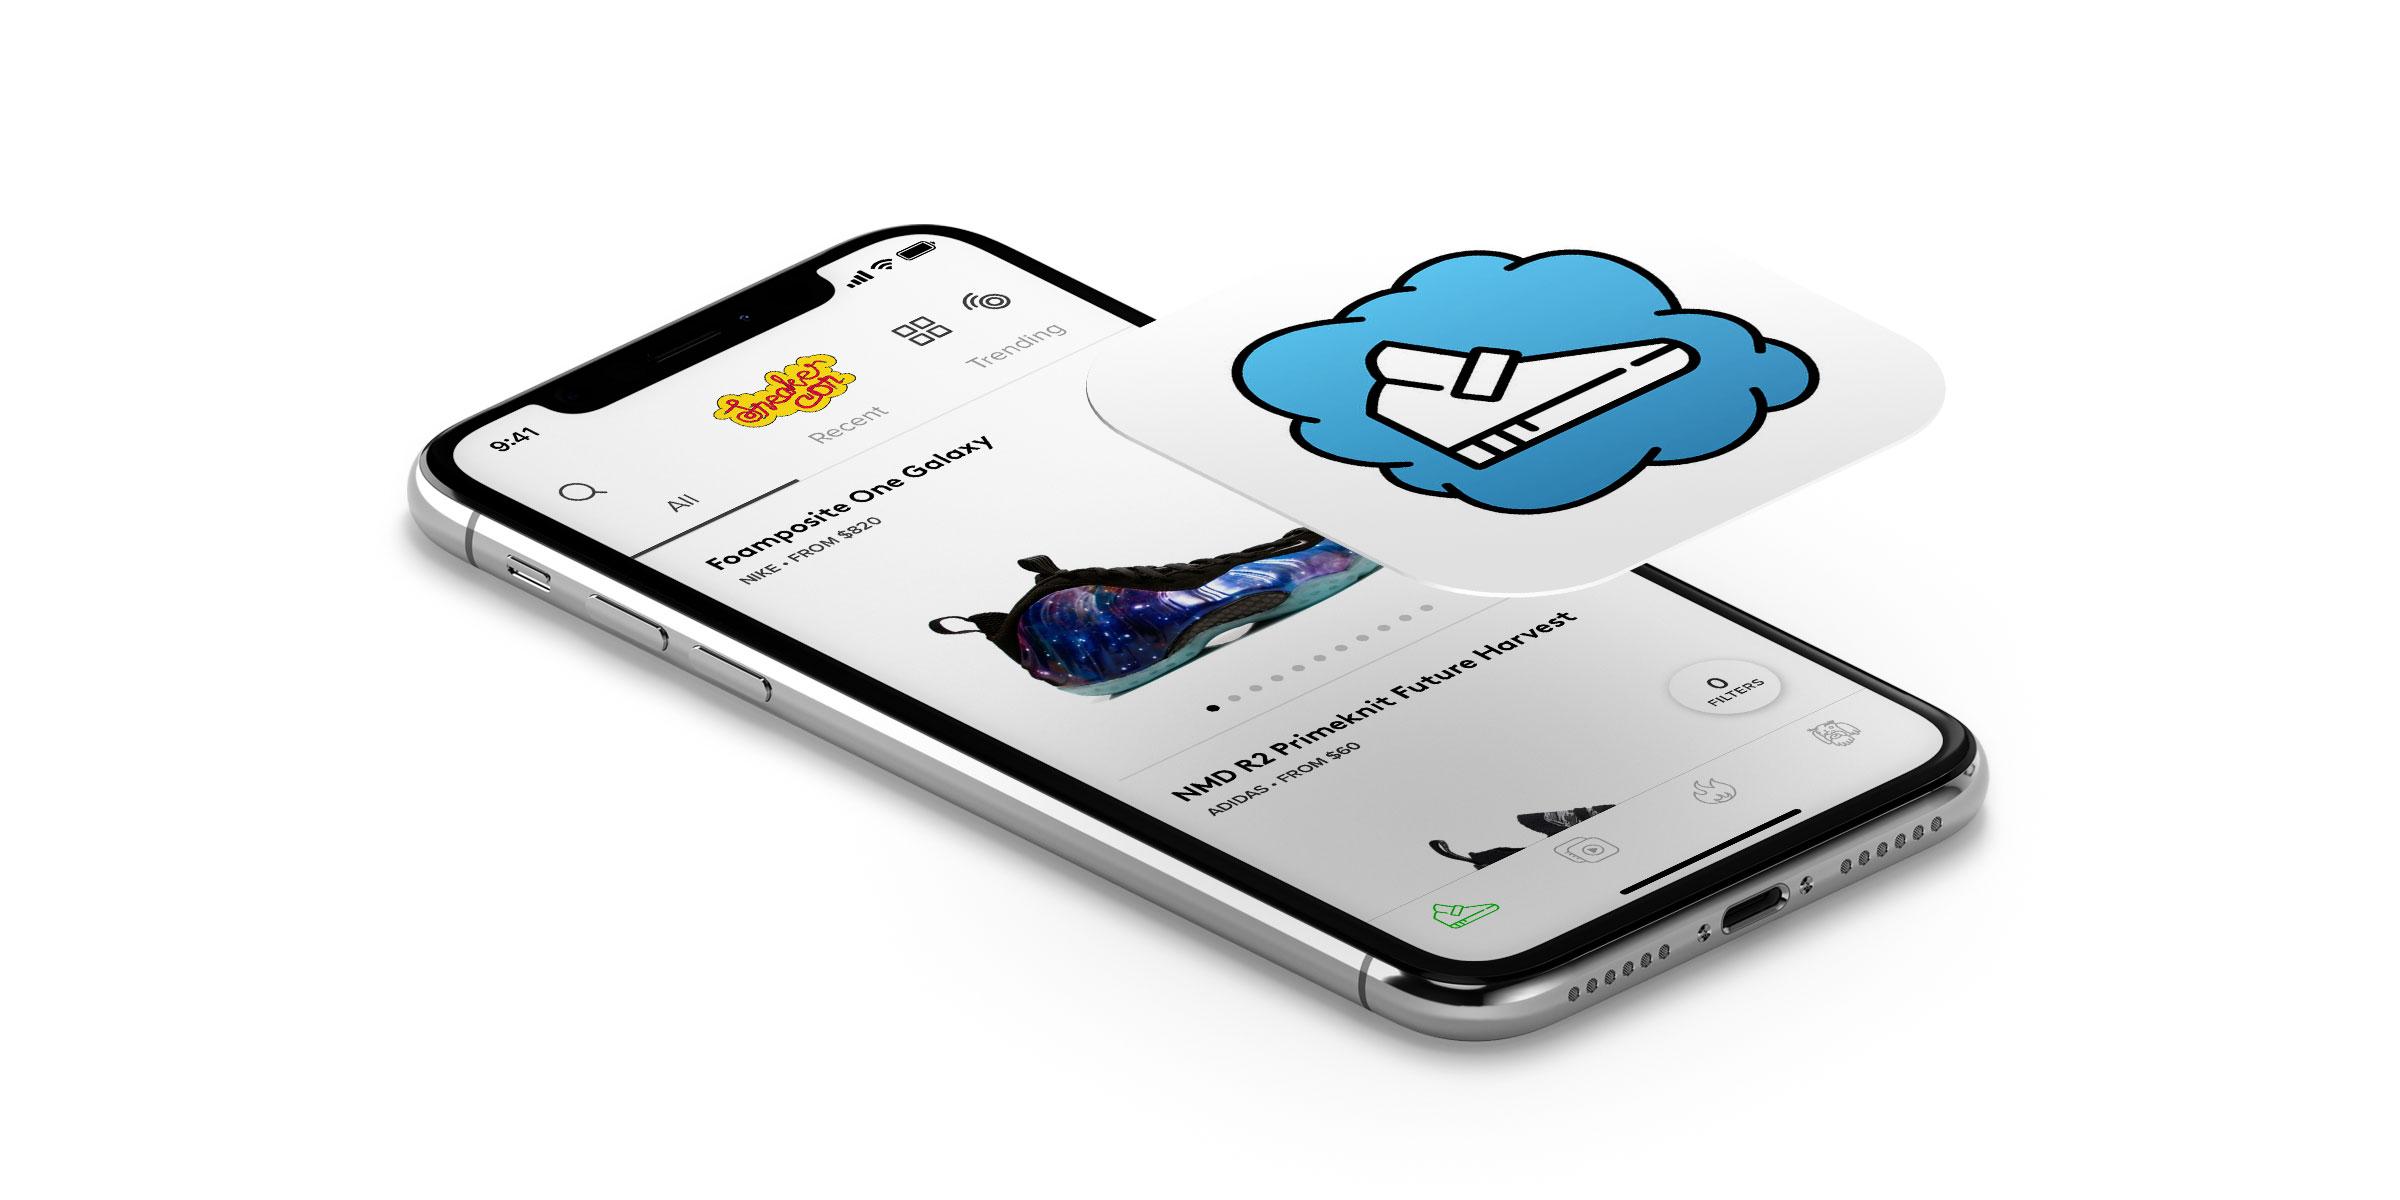 iPhone Sneaker Con app screenshot